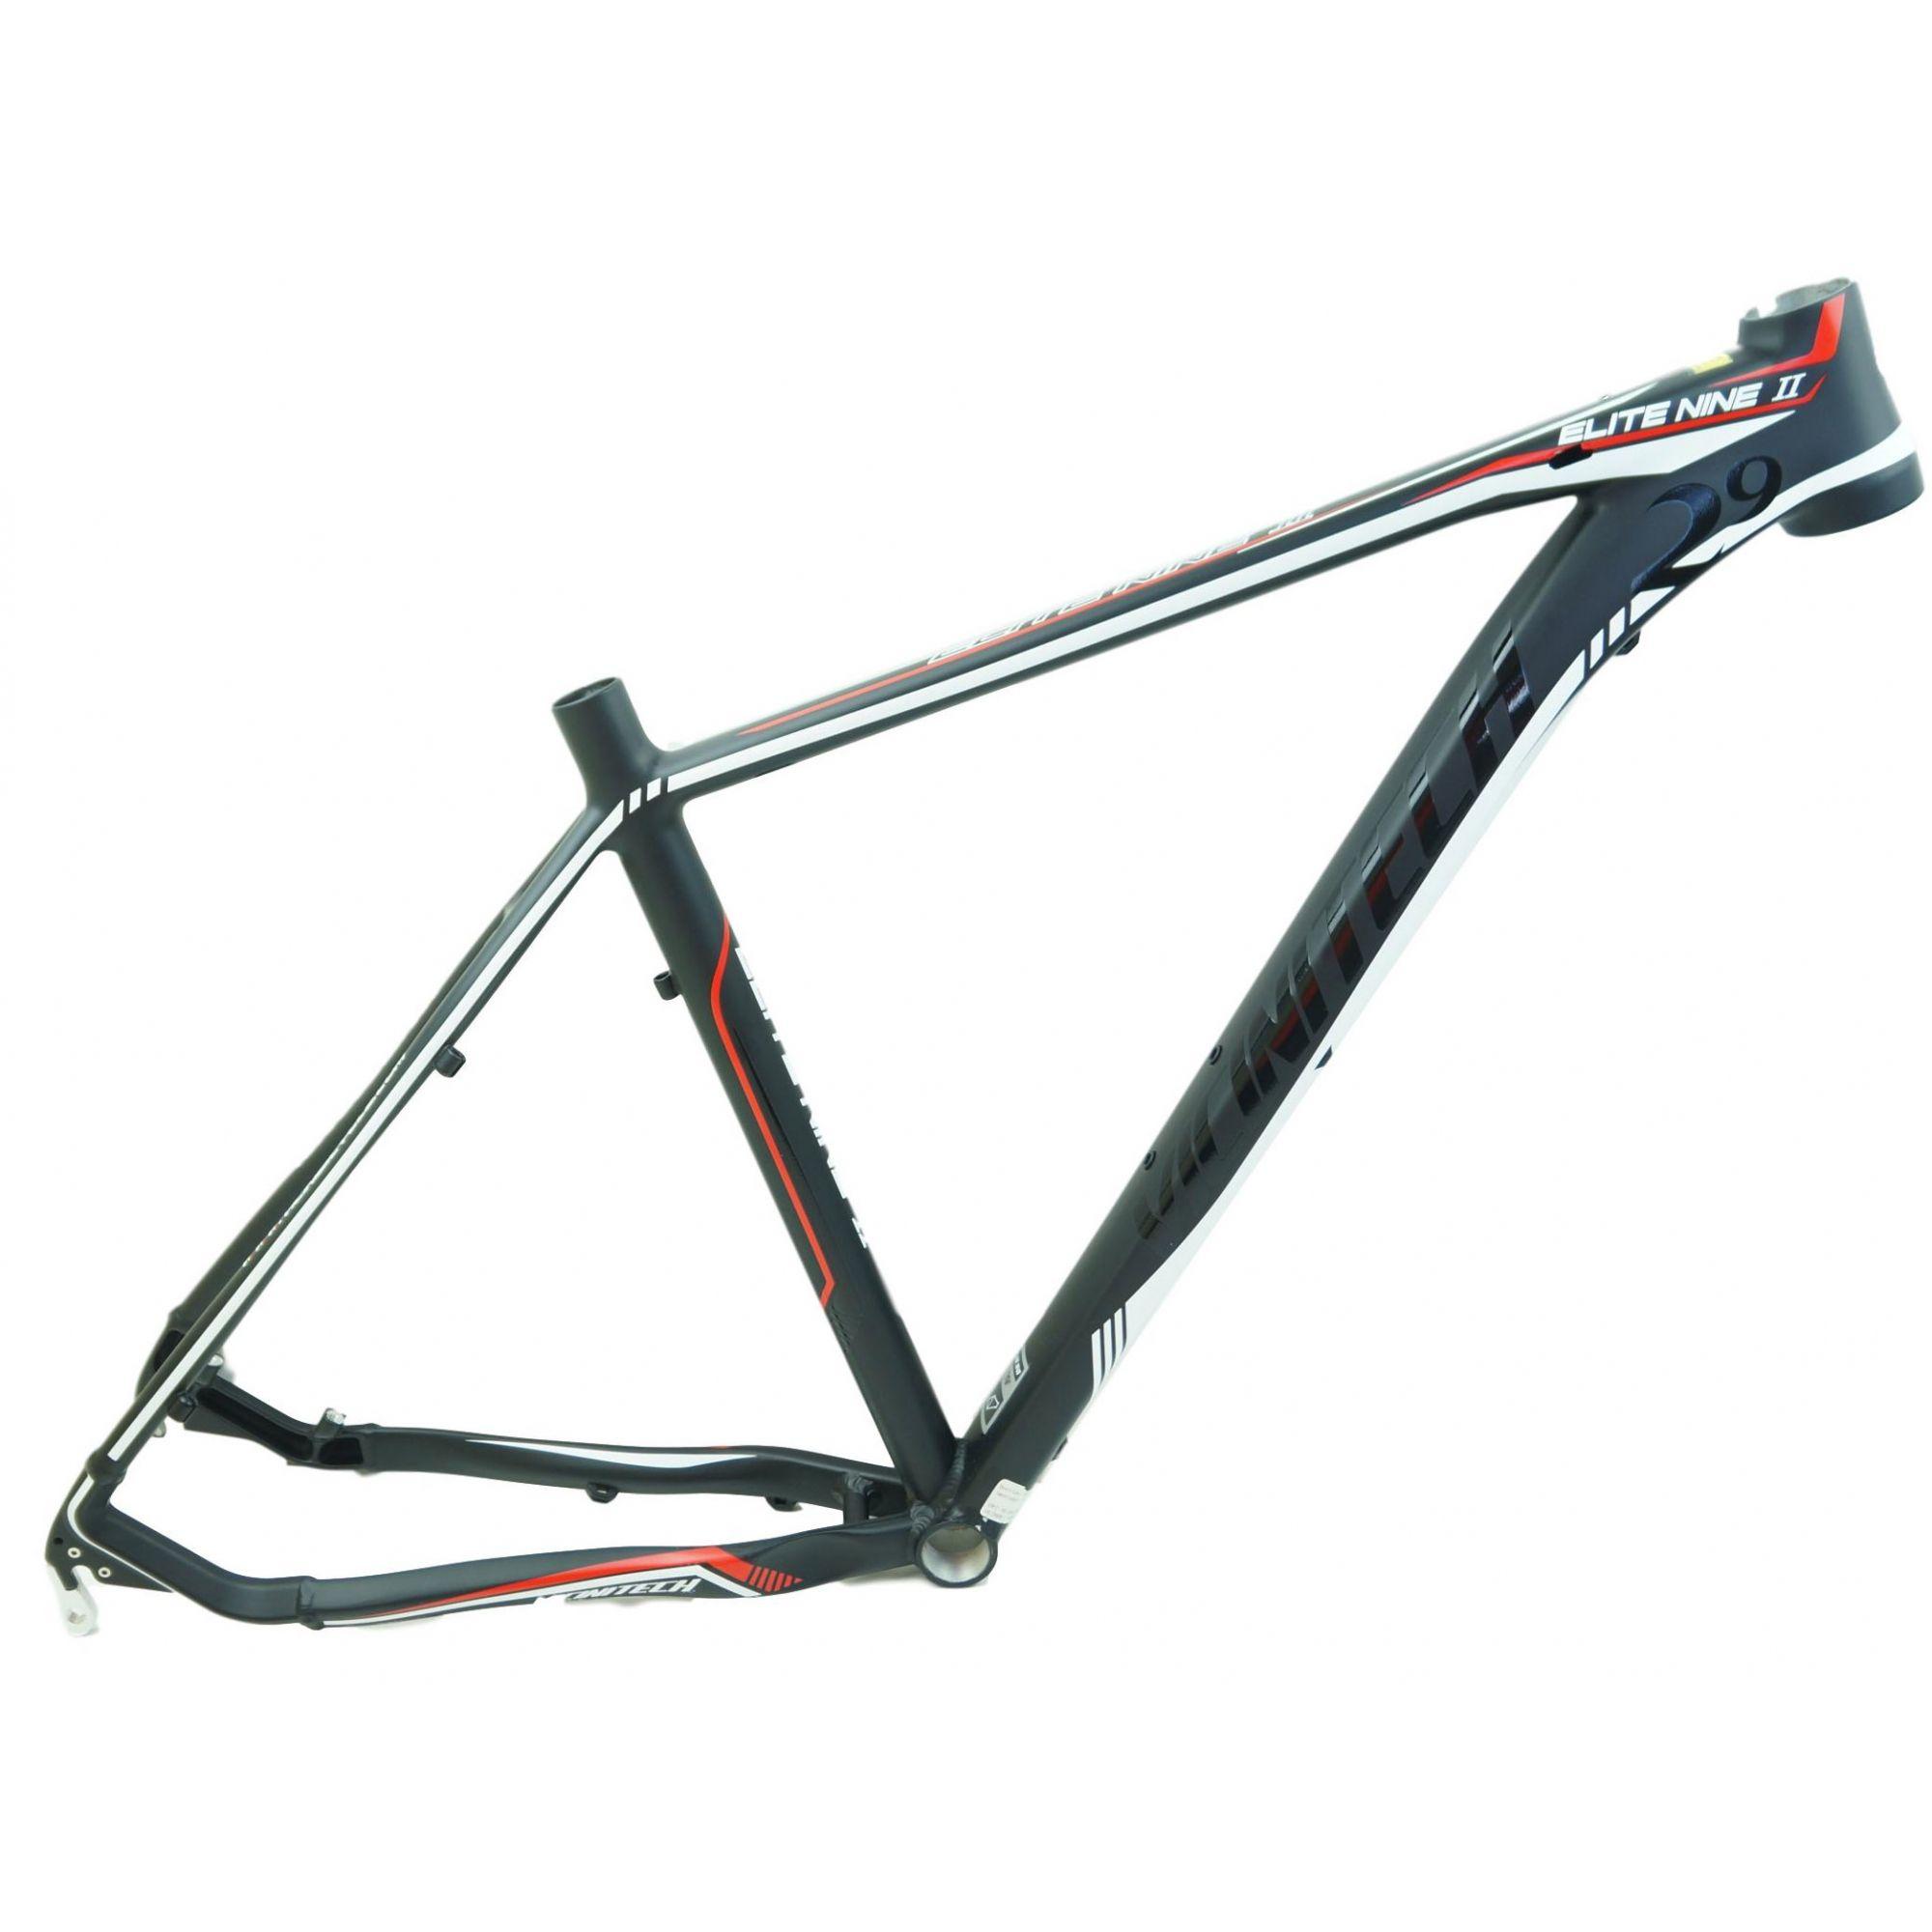 Quadro Bicicleta MTB Vicinitech 29er Elite Nine II em Aluminio Tamanho 19 Preto